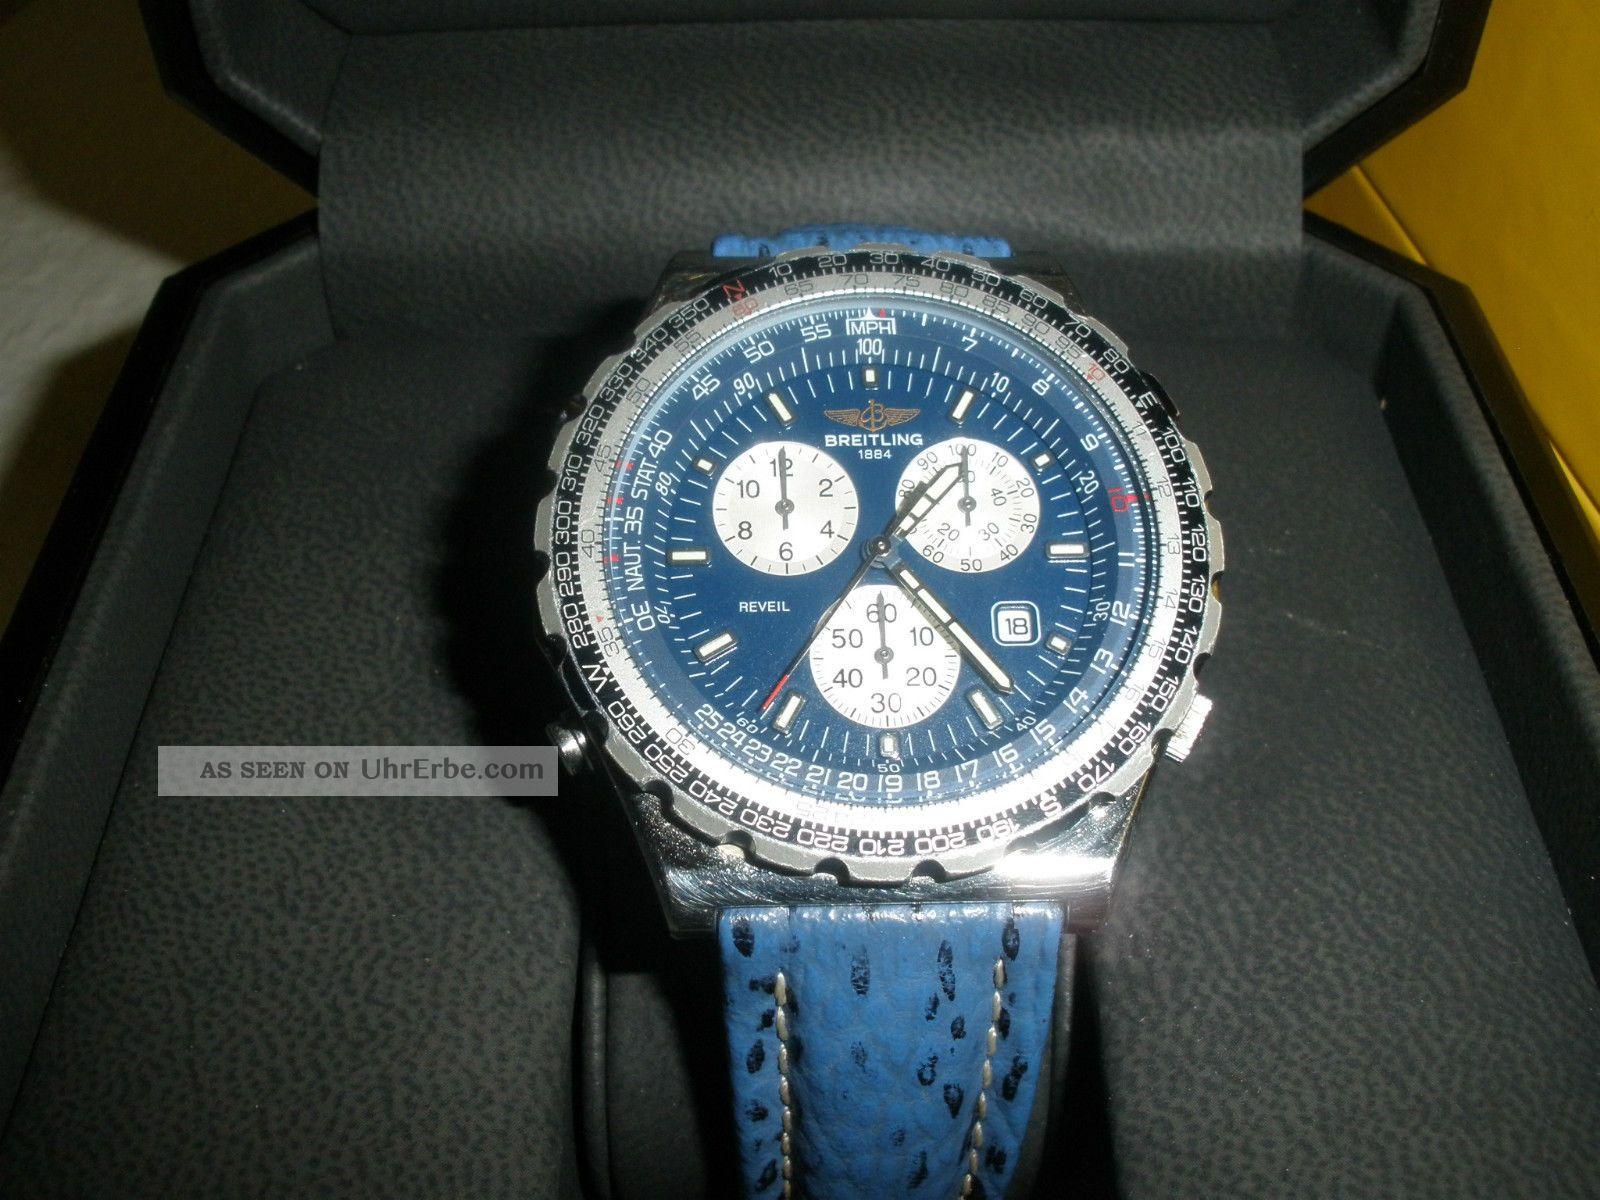 Breitling Navitimer Jupiter Pilot Chrono Armbanduhren Bild